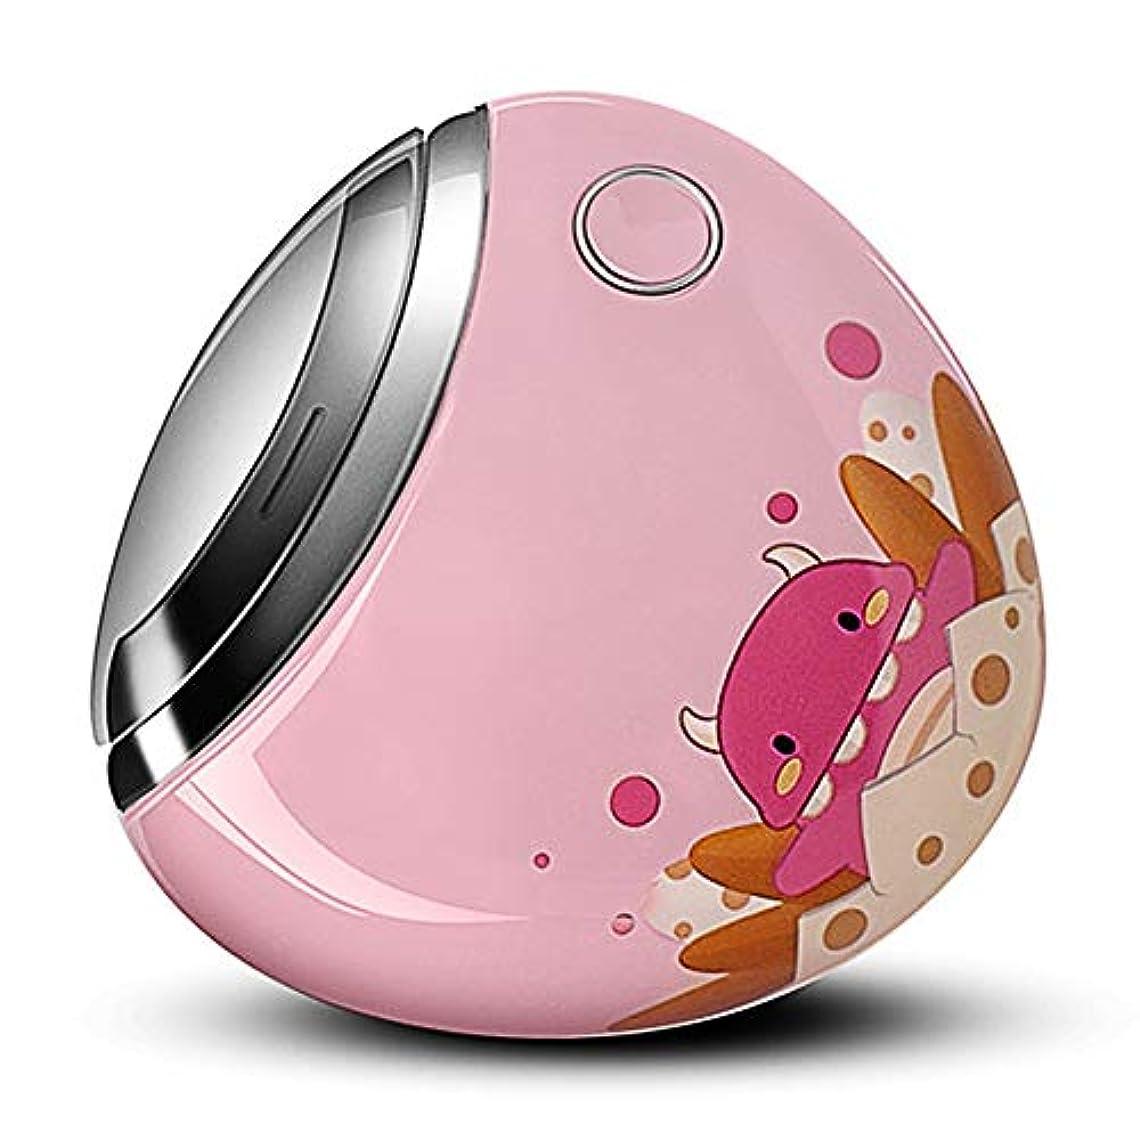 ライン毛皮直接新生児の特別な爪切り電気ネイルポリッシャー爪切りクリッパー肉爪切り,ピンク